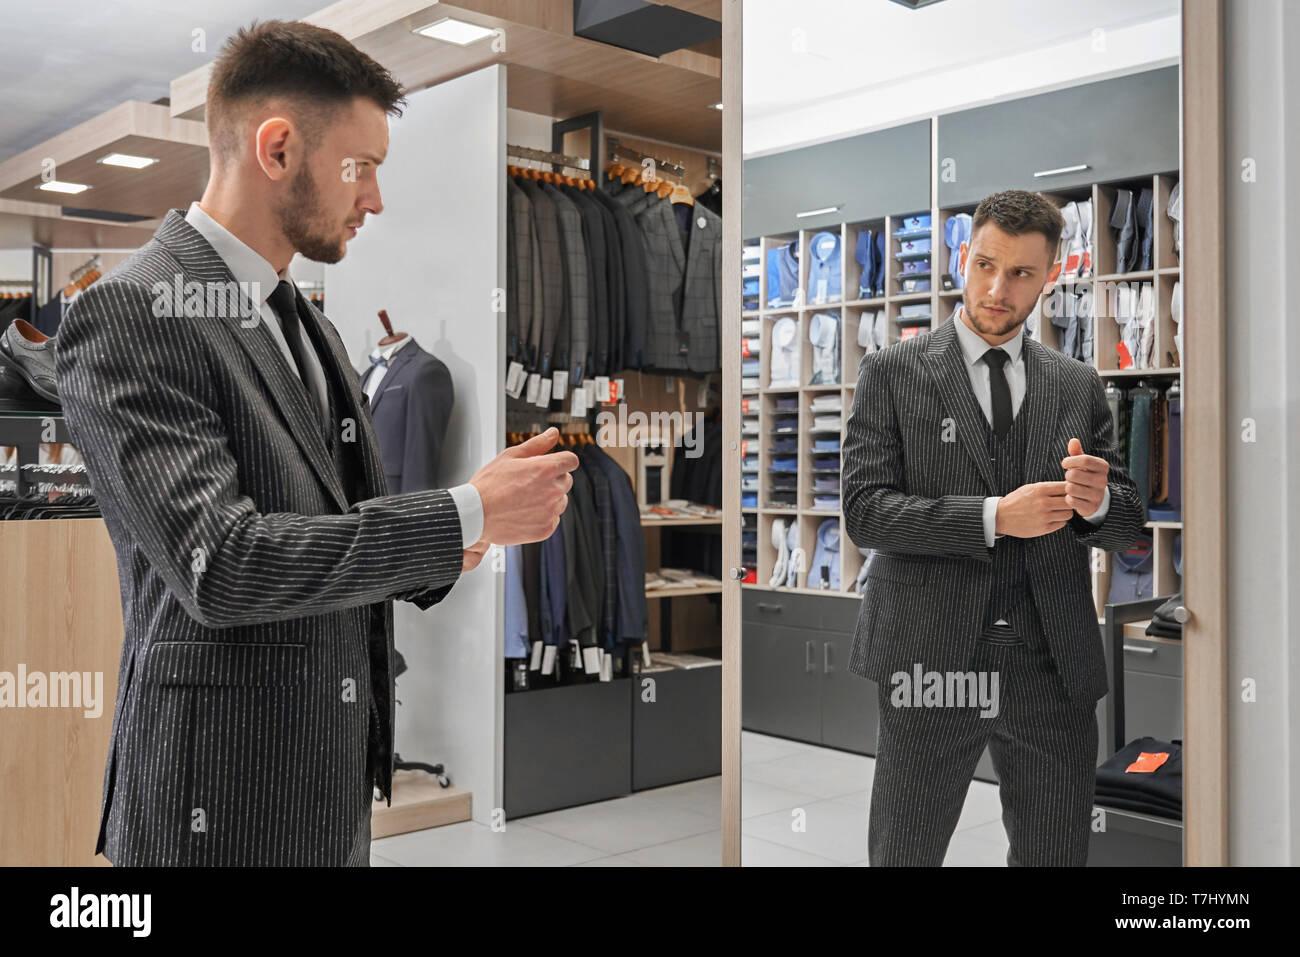 Schöner Mann im eleganten gestreiften Anzug stehen, zu Spiegel in Boutique und der Auswahl der Kleidung. Junge Kunden in modische Jacke, weißem Hemd und schwarzer Krawatte. Stockbild